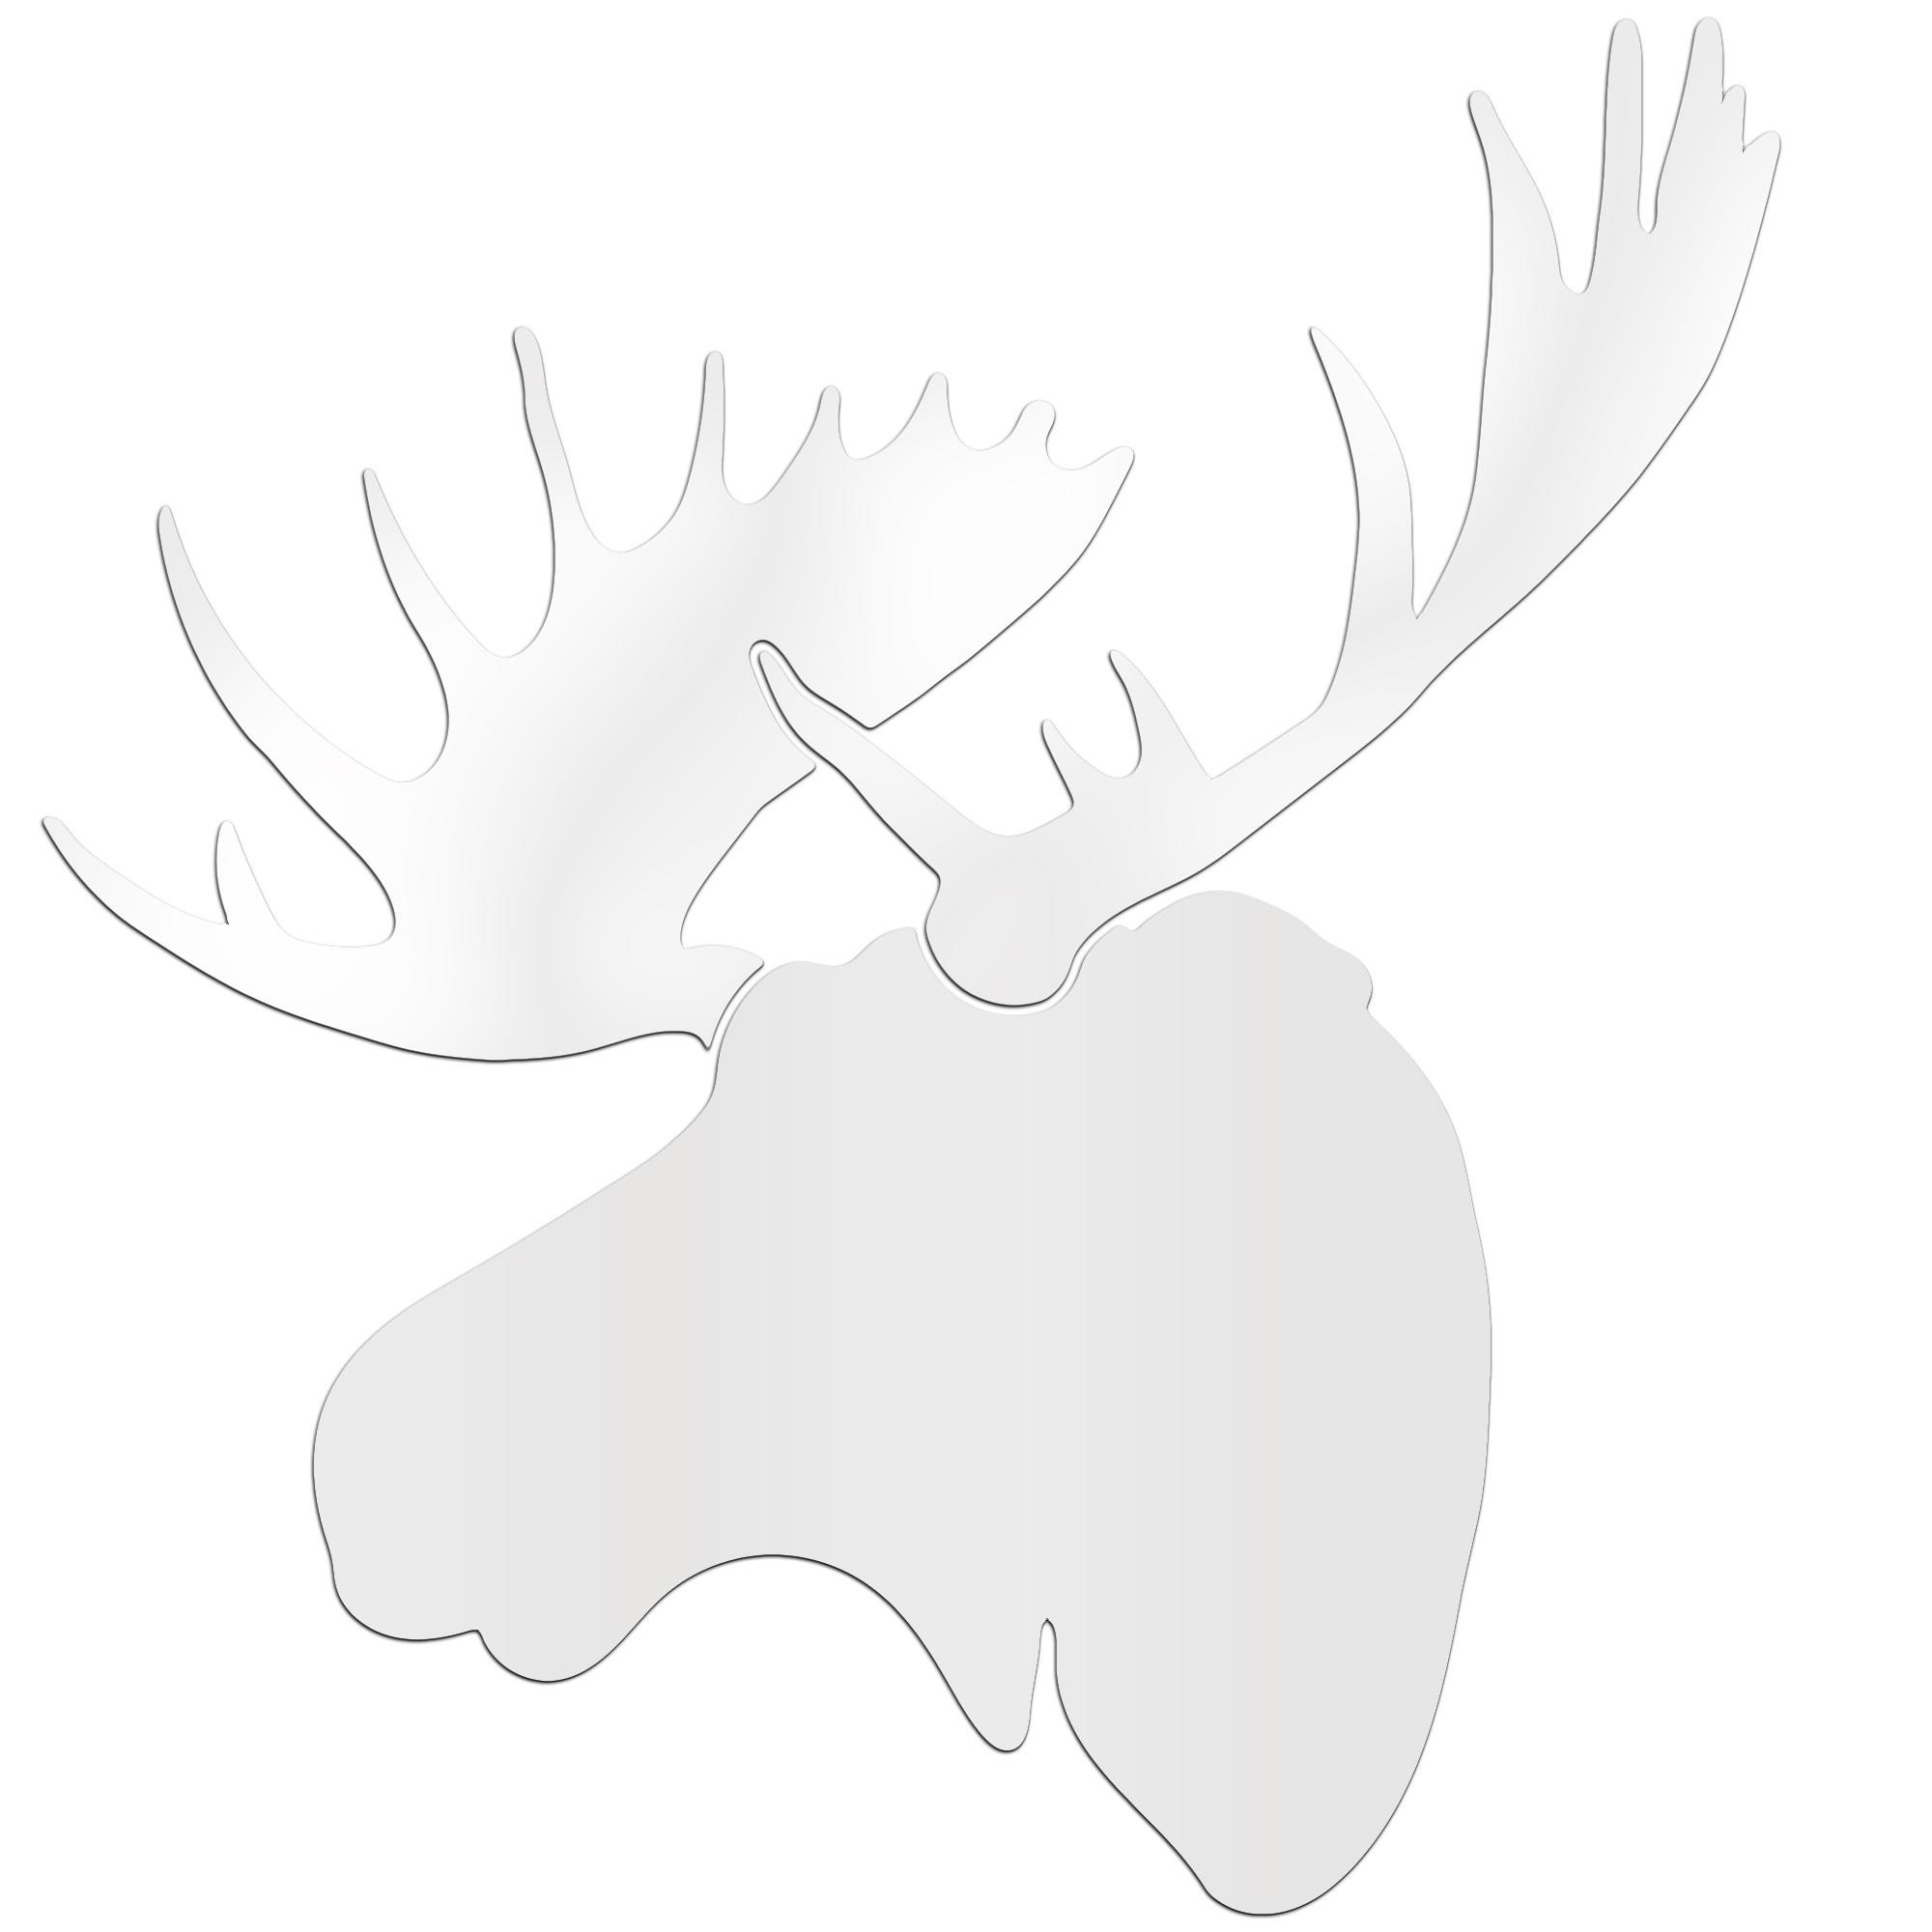 SNOW MOOSE - 36x36 in. Pure White D?cor